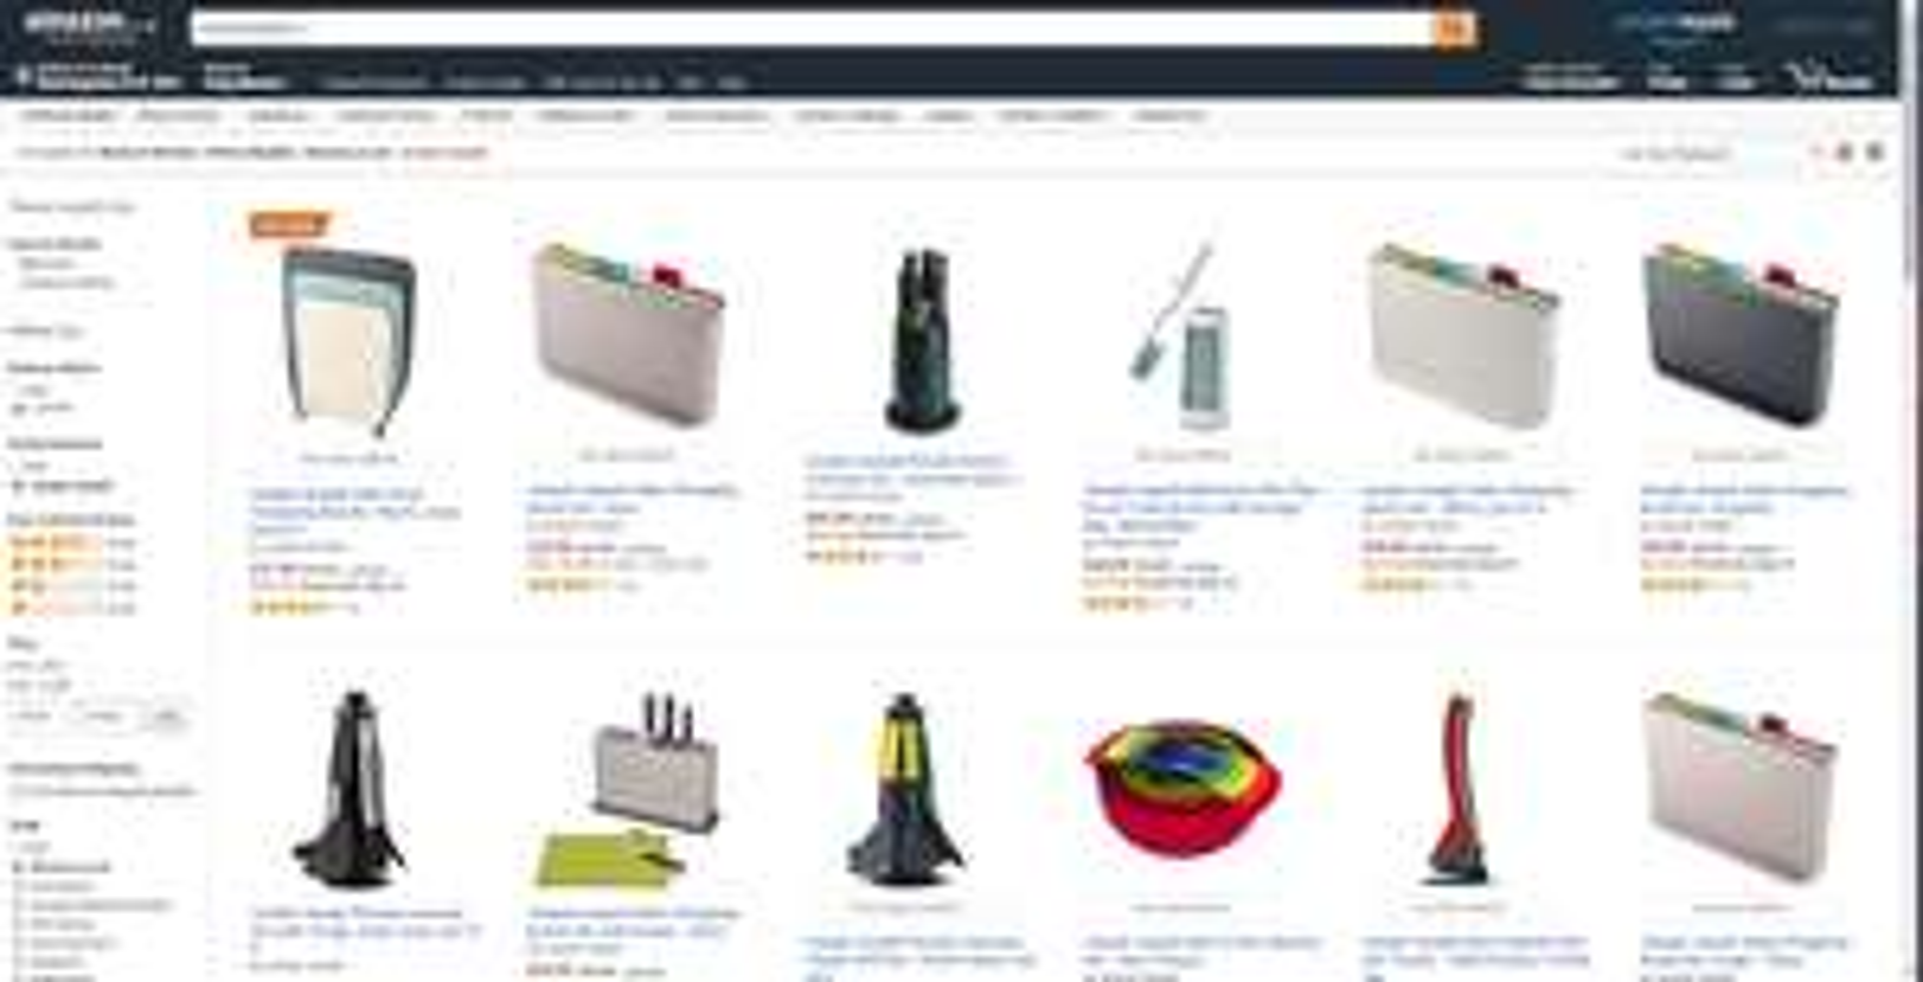 Amazon - Heavy discounts on Joseph Joseph